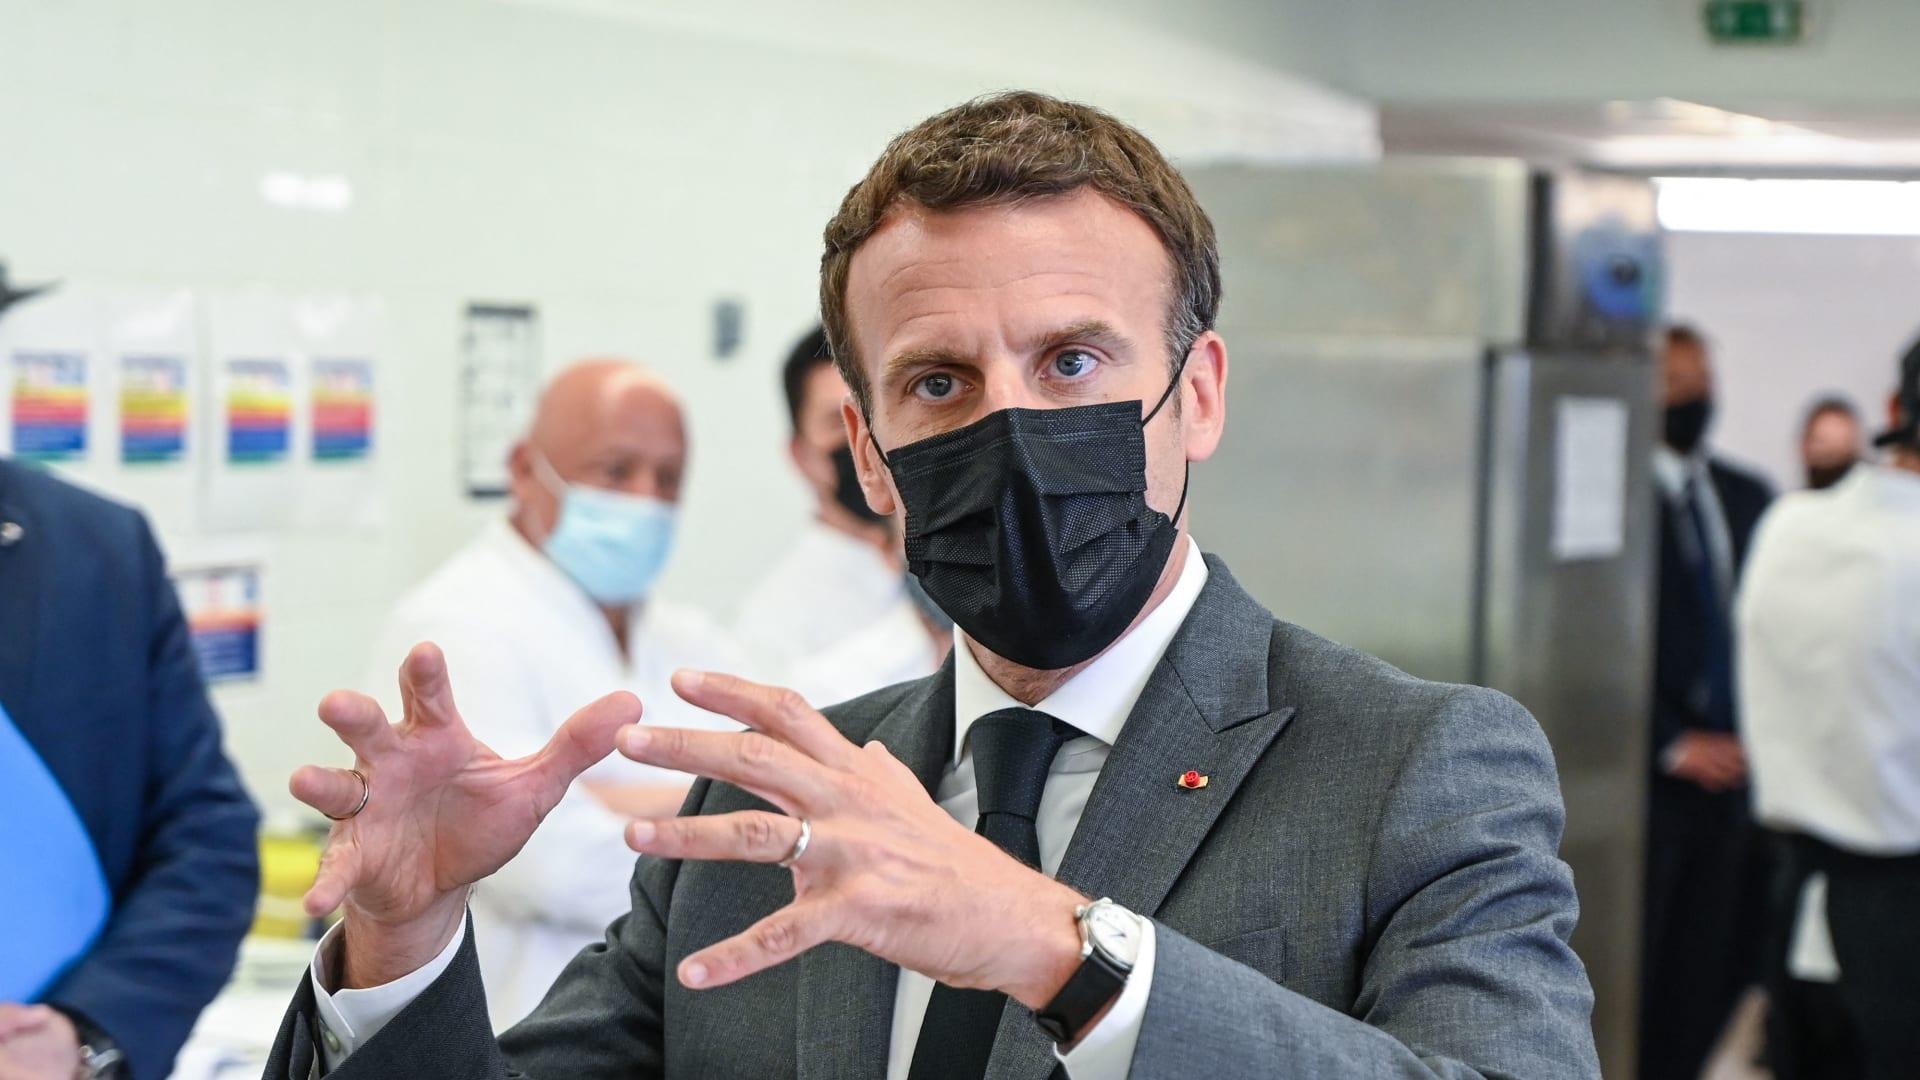 شاهد.. صفعة على وجه ماكرون خلال جولة في جنوب شرق فرنسا